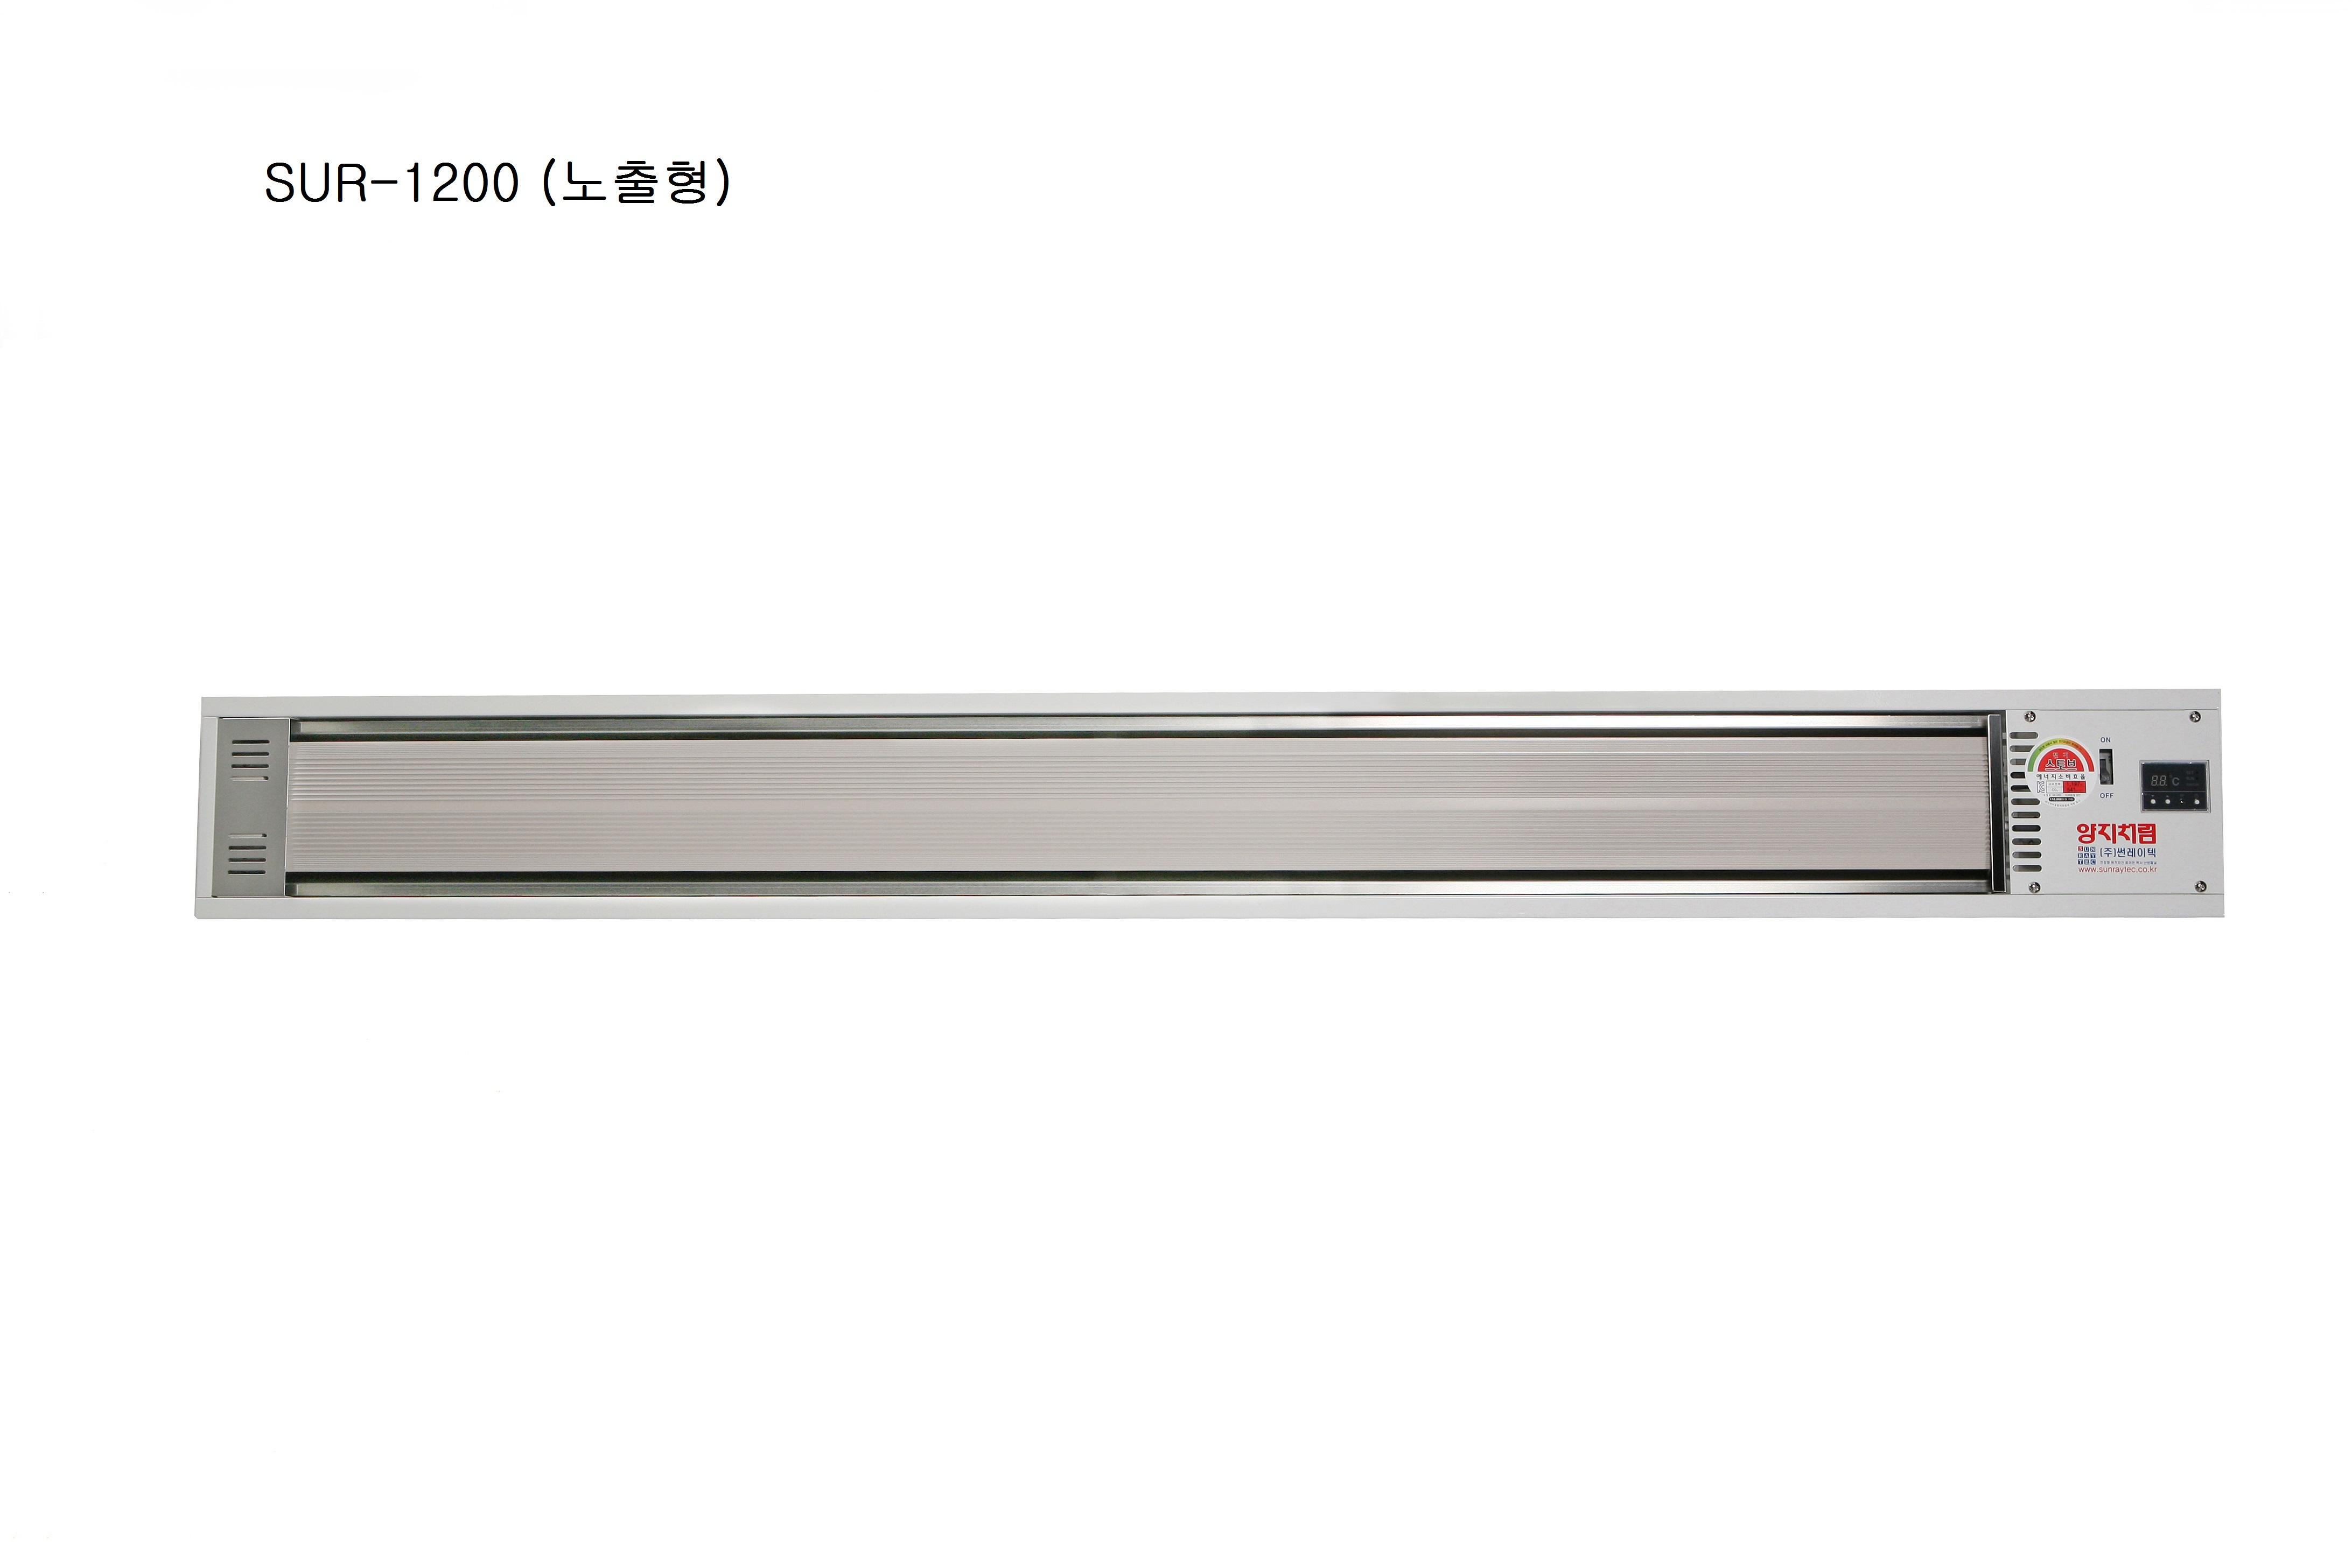 (노출형)SUR-1200.jpg